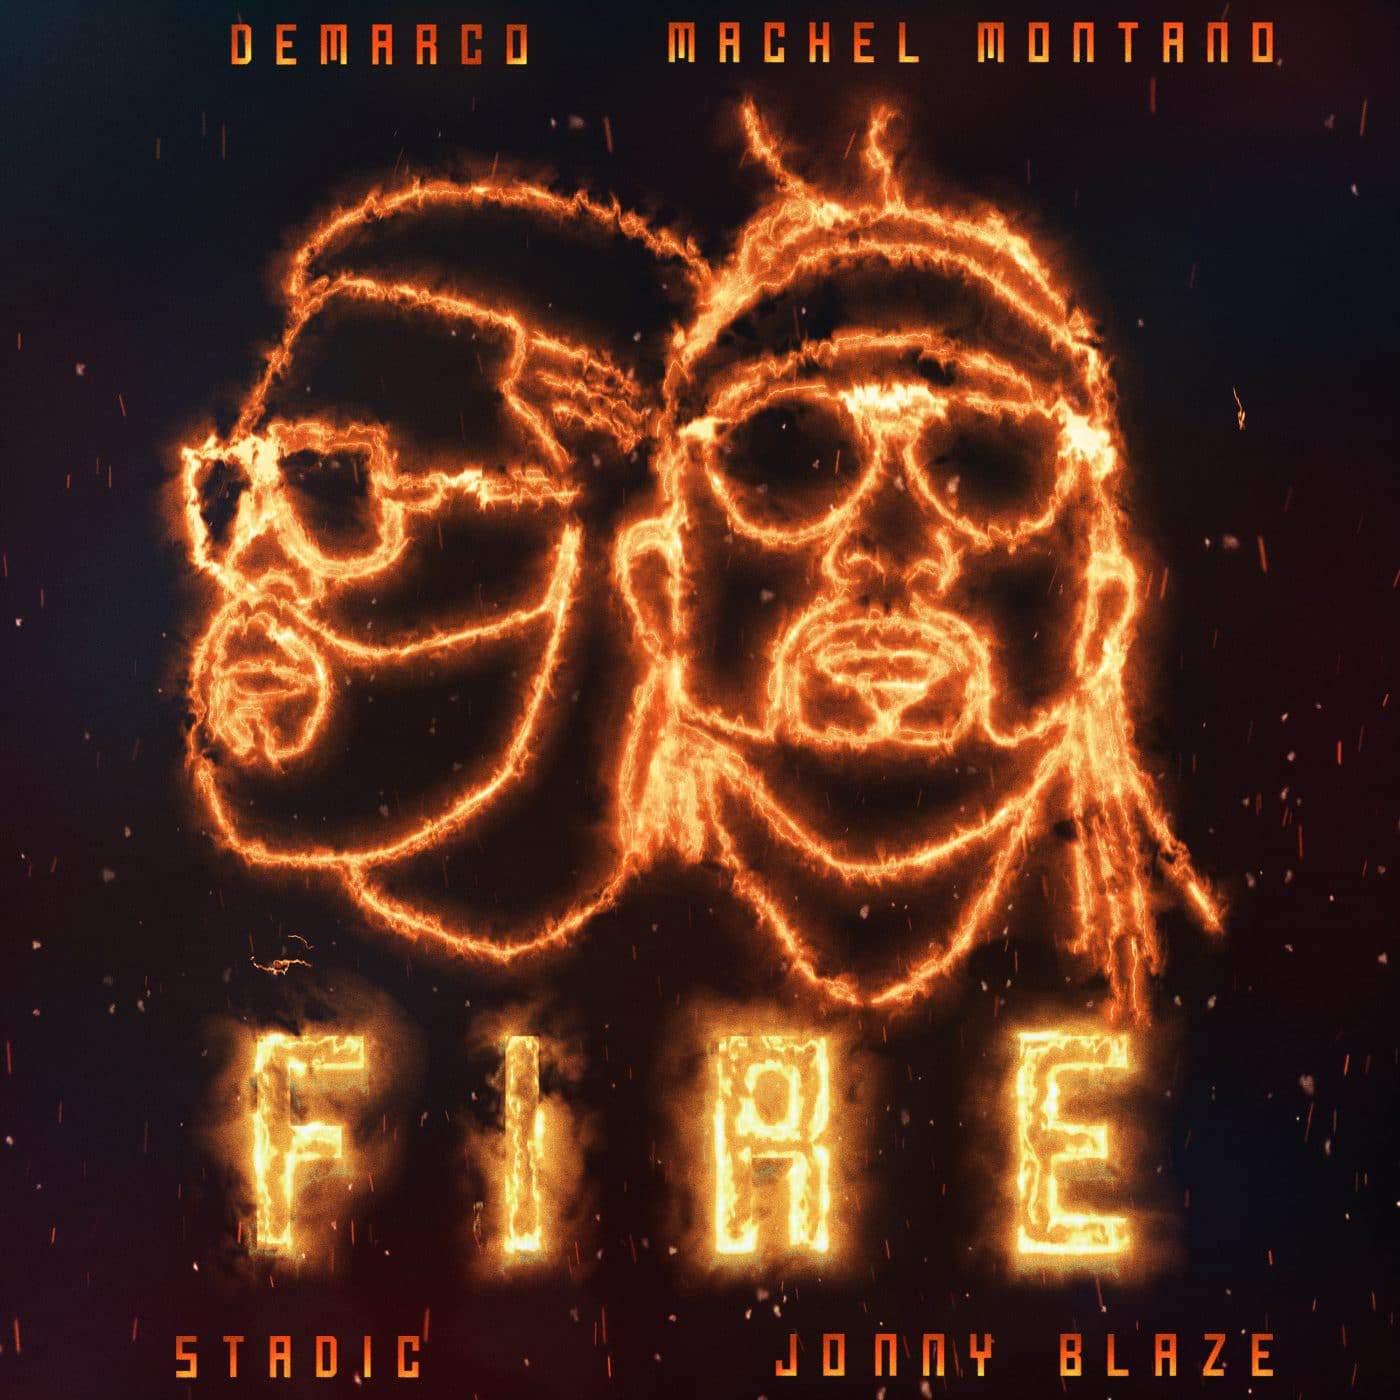 Demarco & Machel Montano - Fire (feat. Stadic & Jonny Blaze) - Clean